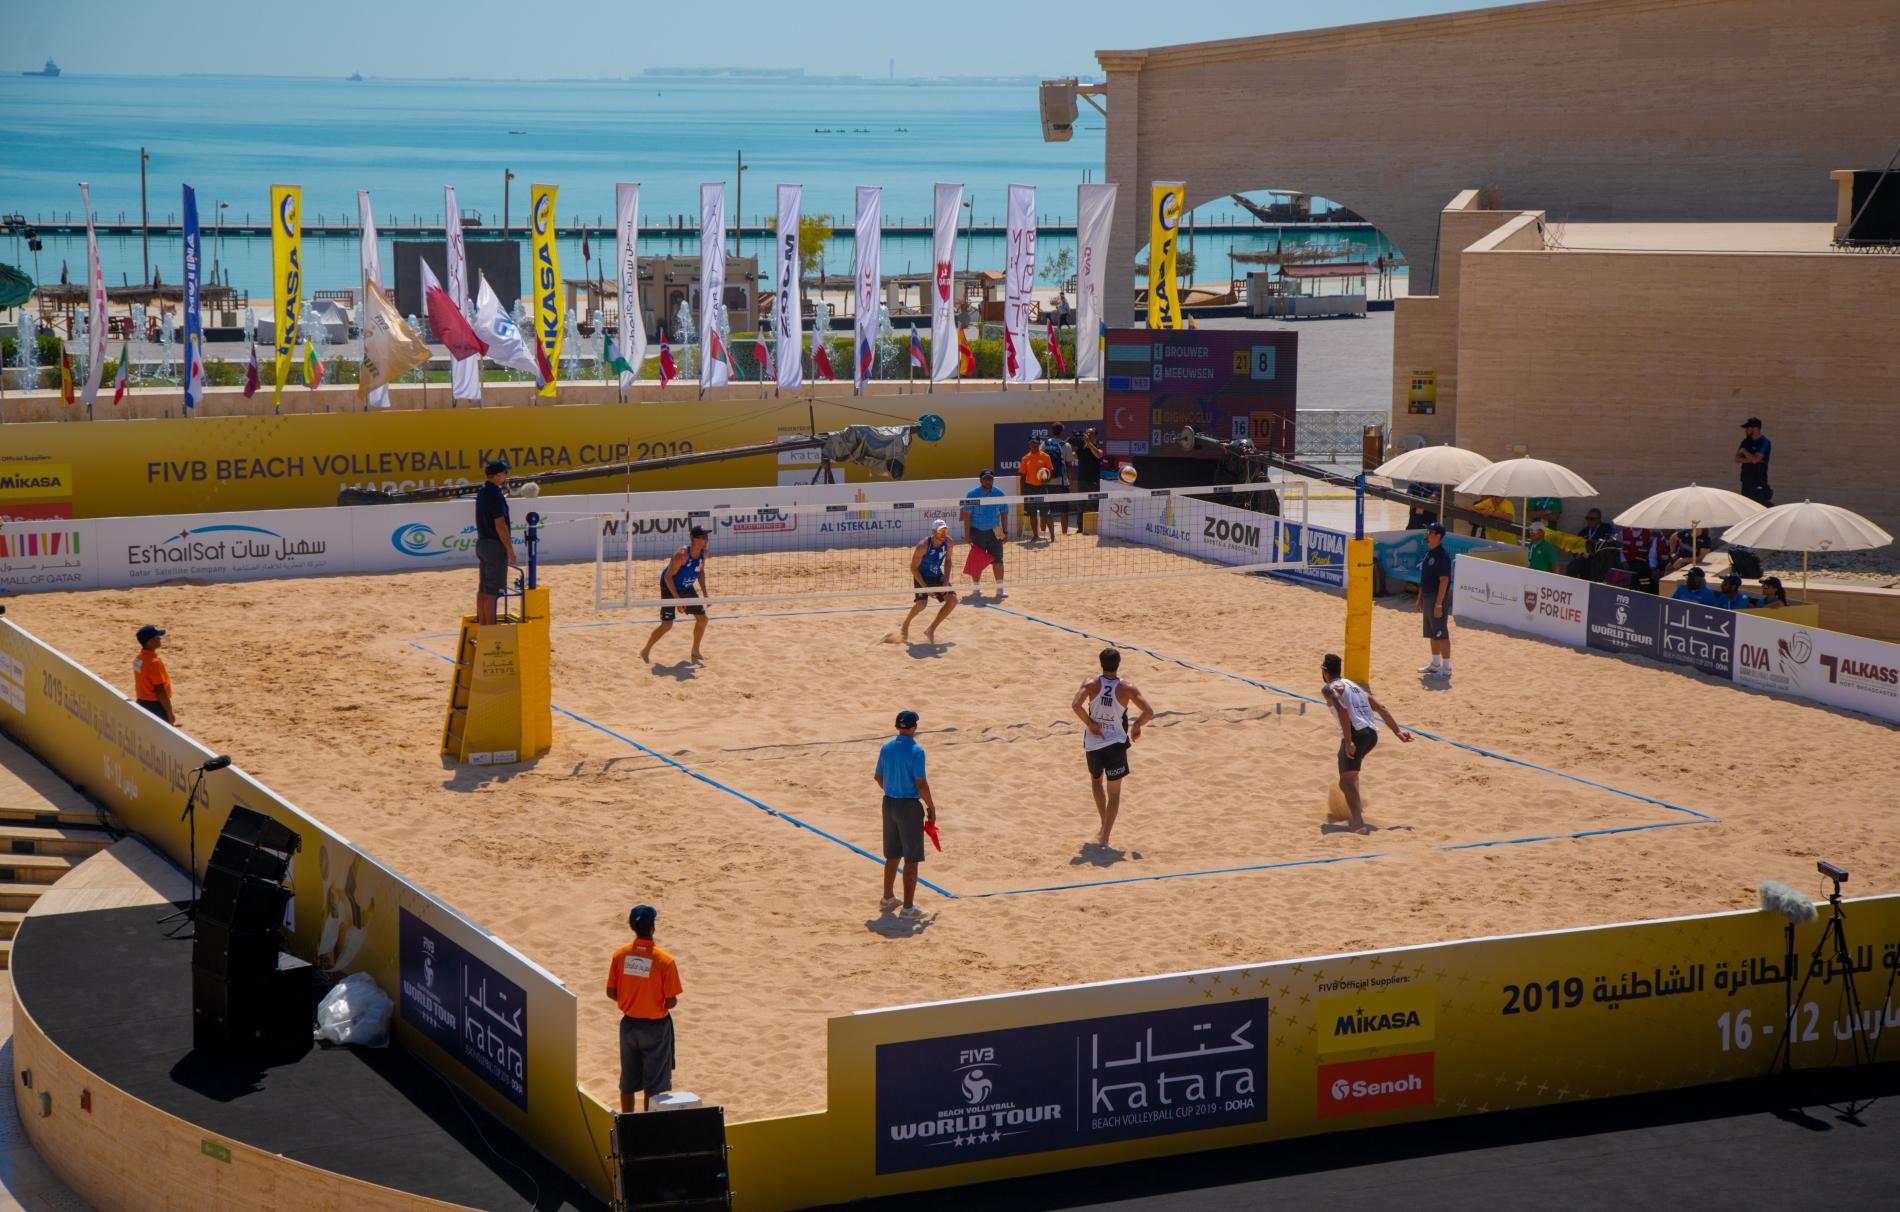 Brasil classifica dois times às oitavas de final, e dois vão à repescagem em Doha